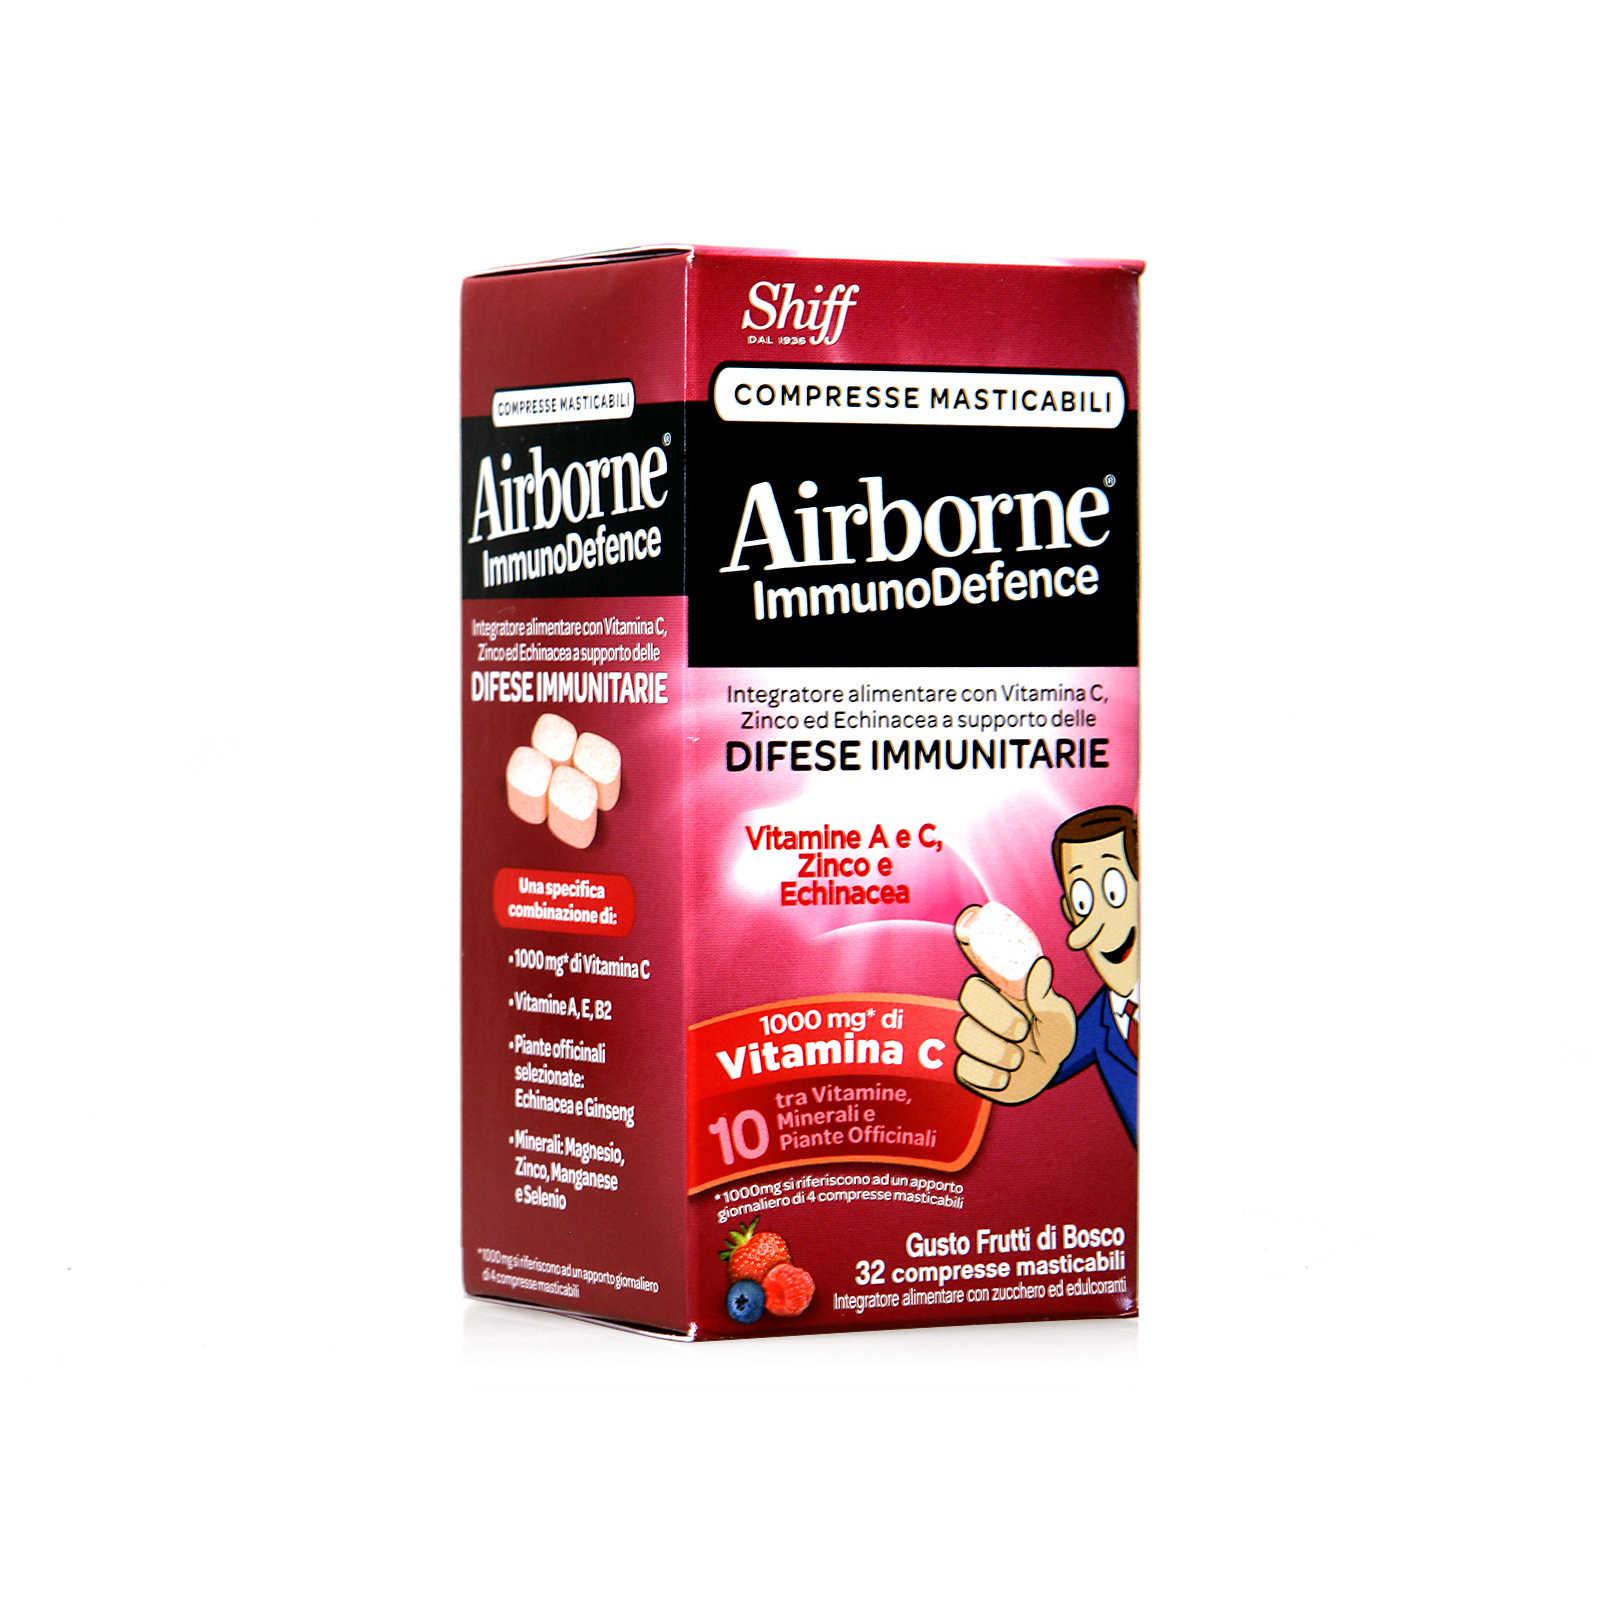 Airborne - Integratore Alimentare - ImmunoDefence - Compresse Masticabili ai Frutti di Bosco